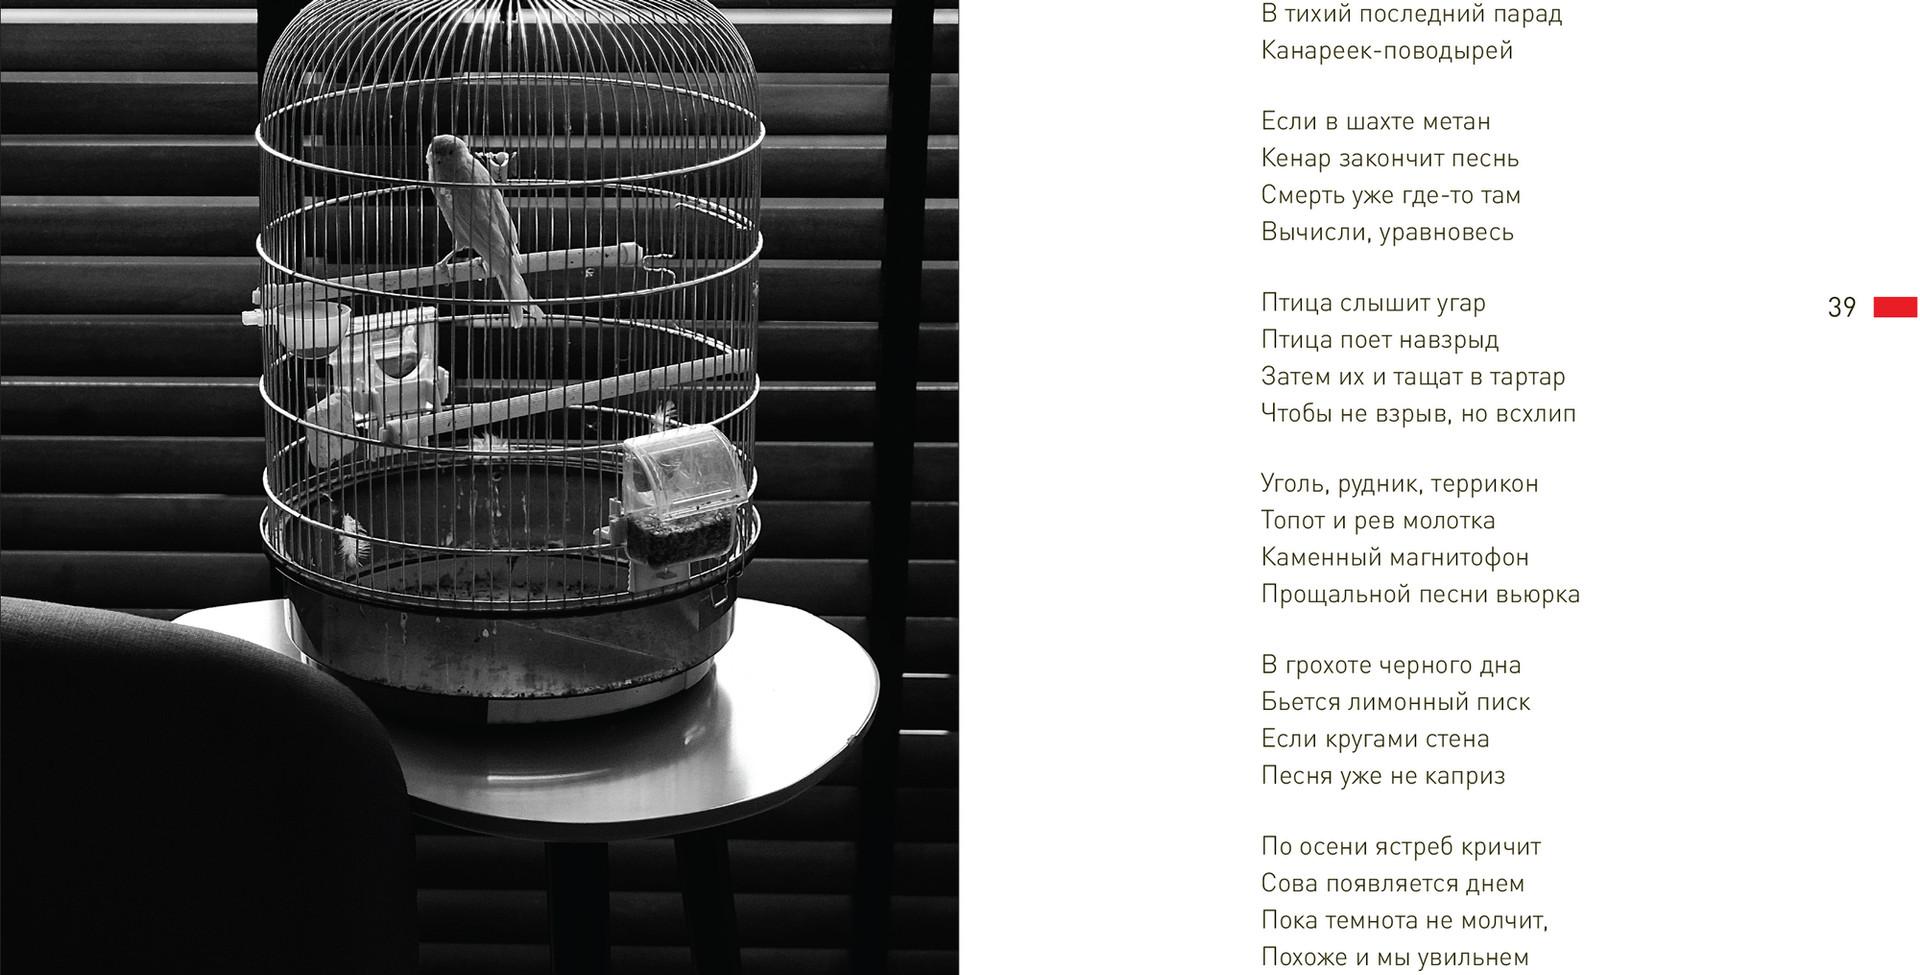 Cocktail Menu. 38-39 pages